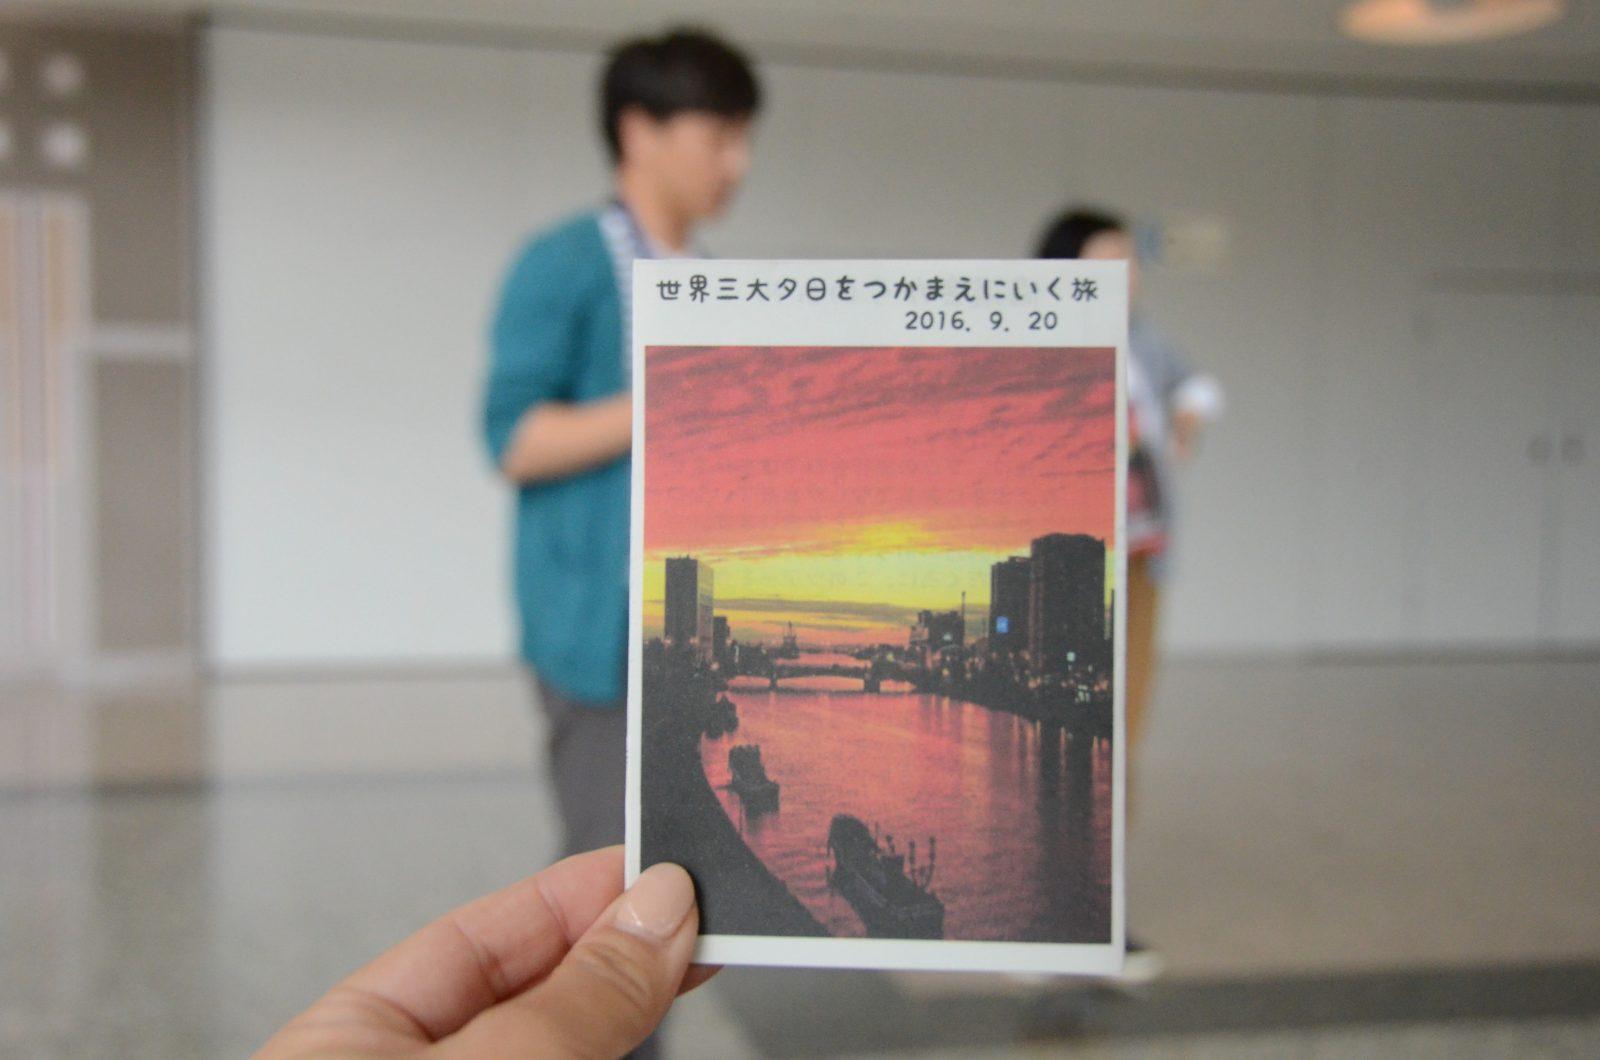 世界三大夕日をつかまえに行く旅  in 釧路